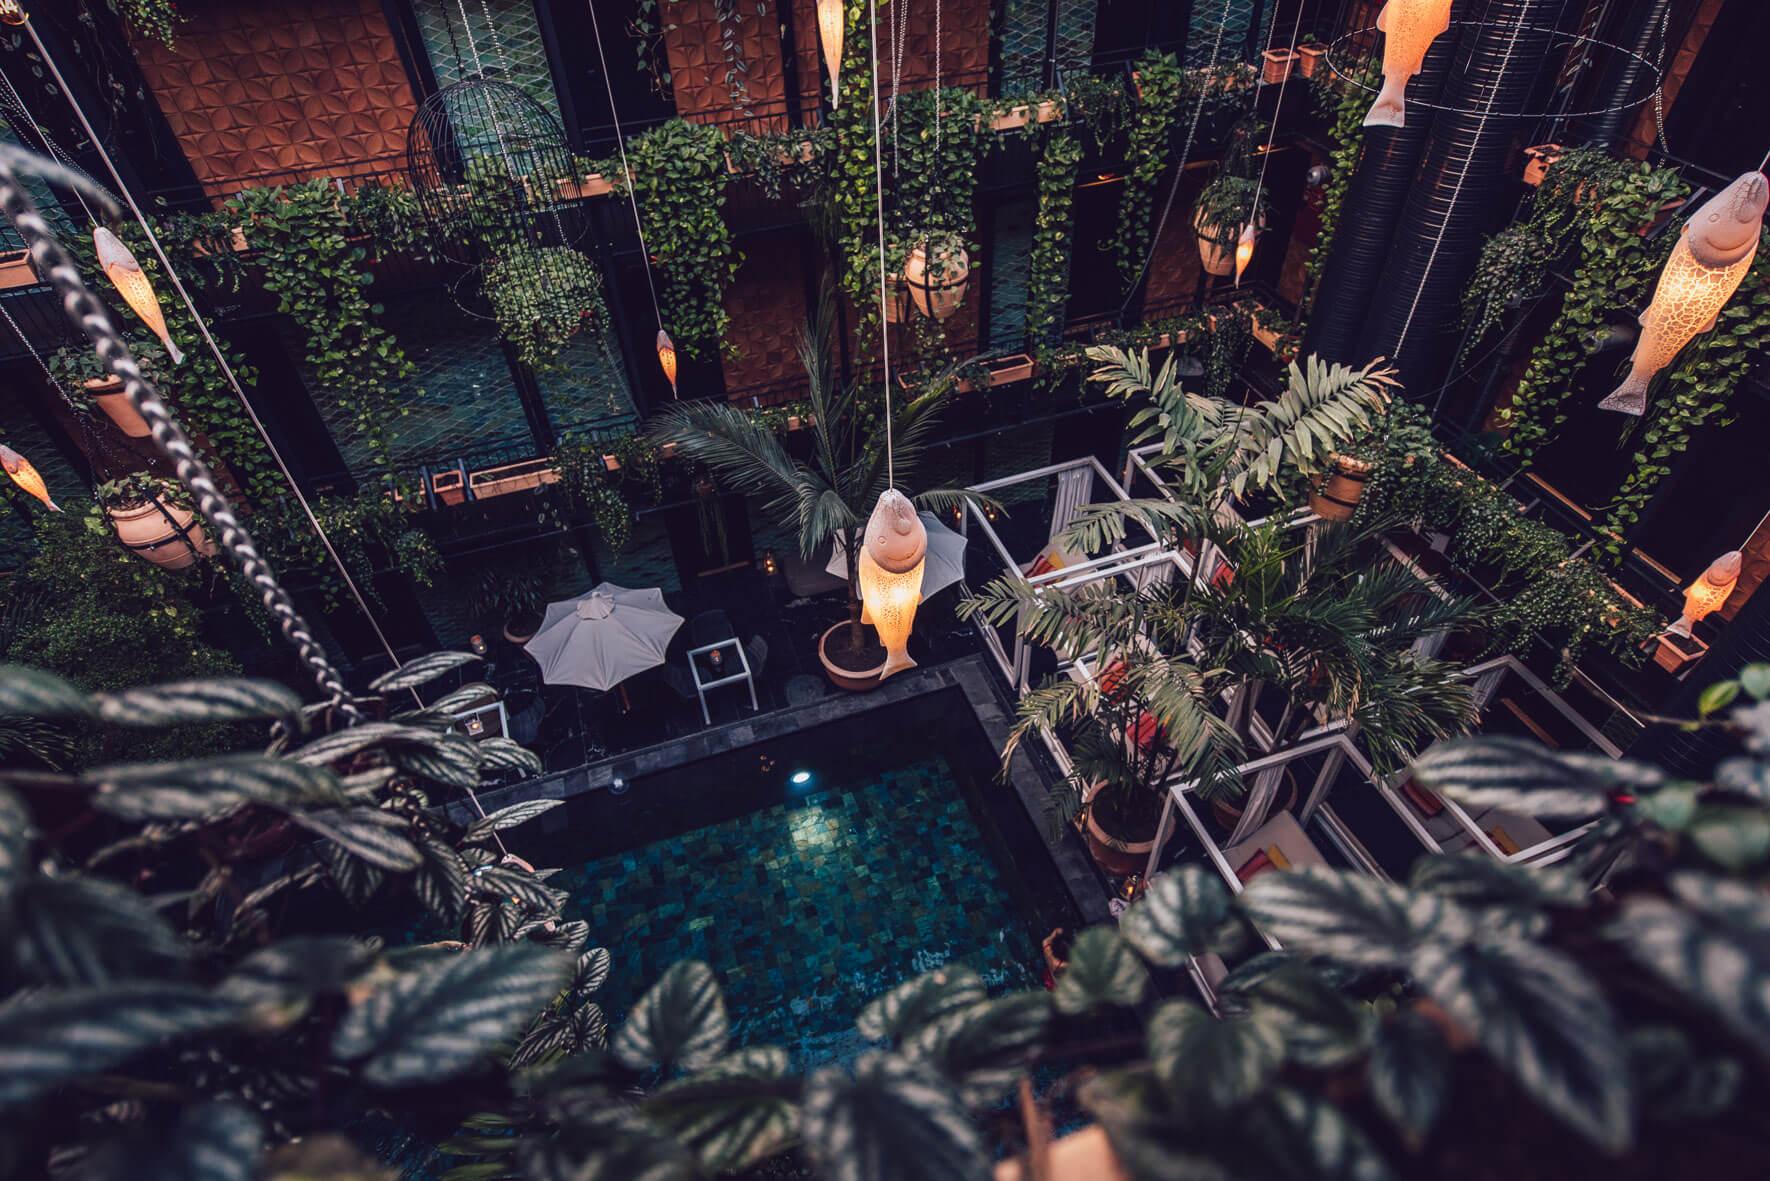 manon les suites guldsmeden hotel copenhagen